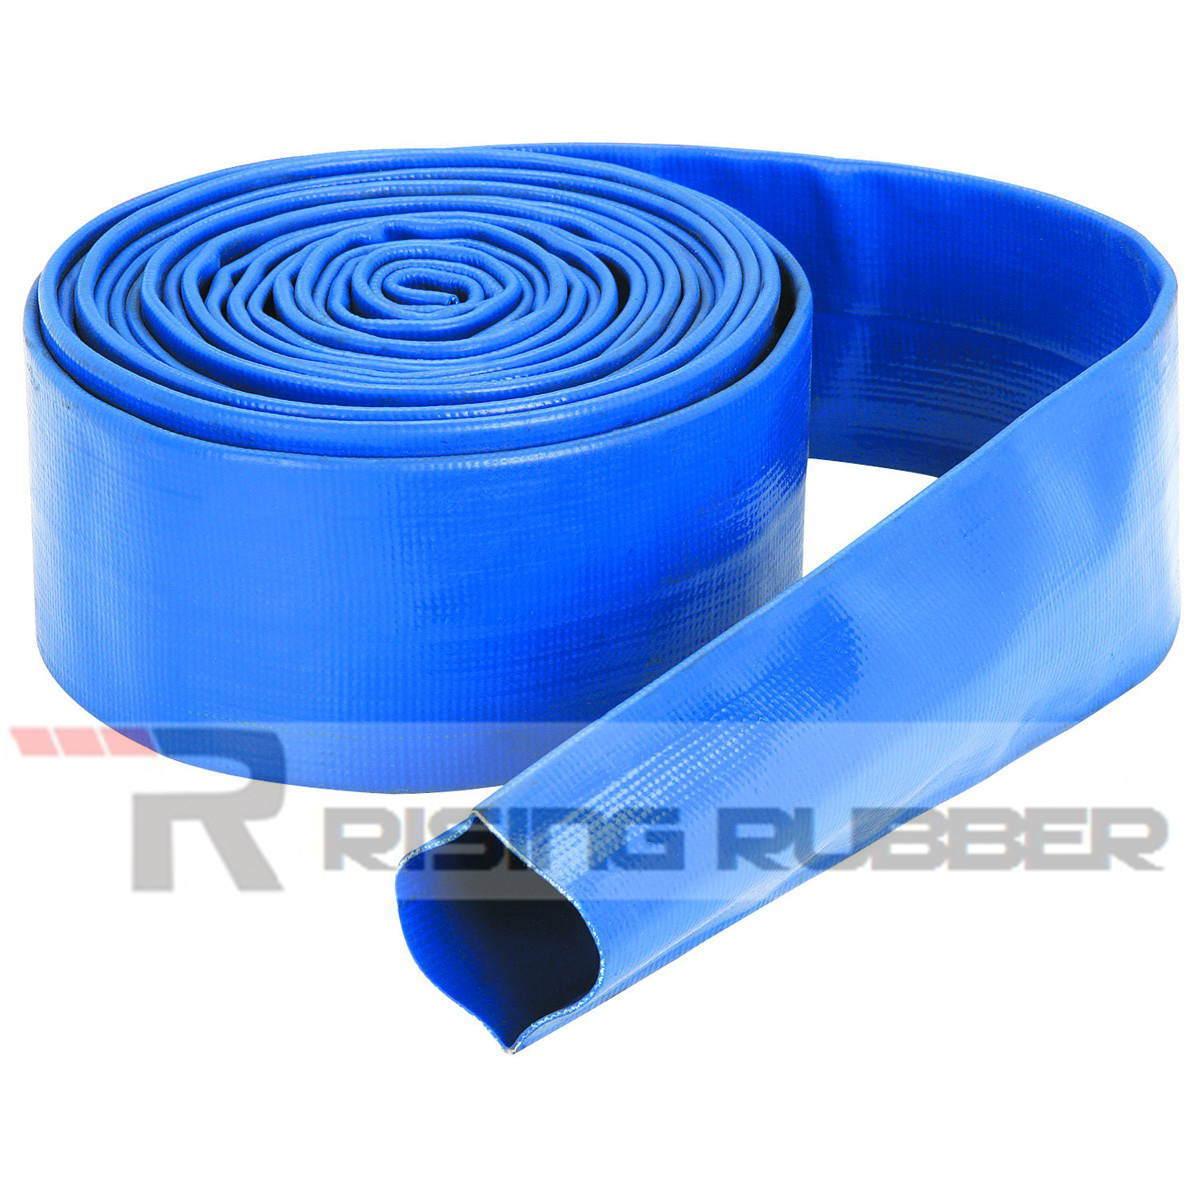 12 Inch PVC Layflat Hose